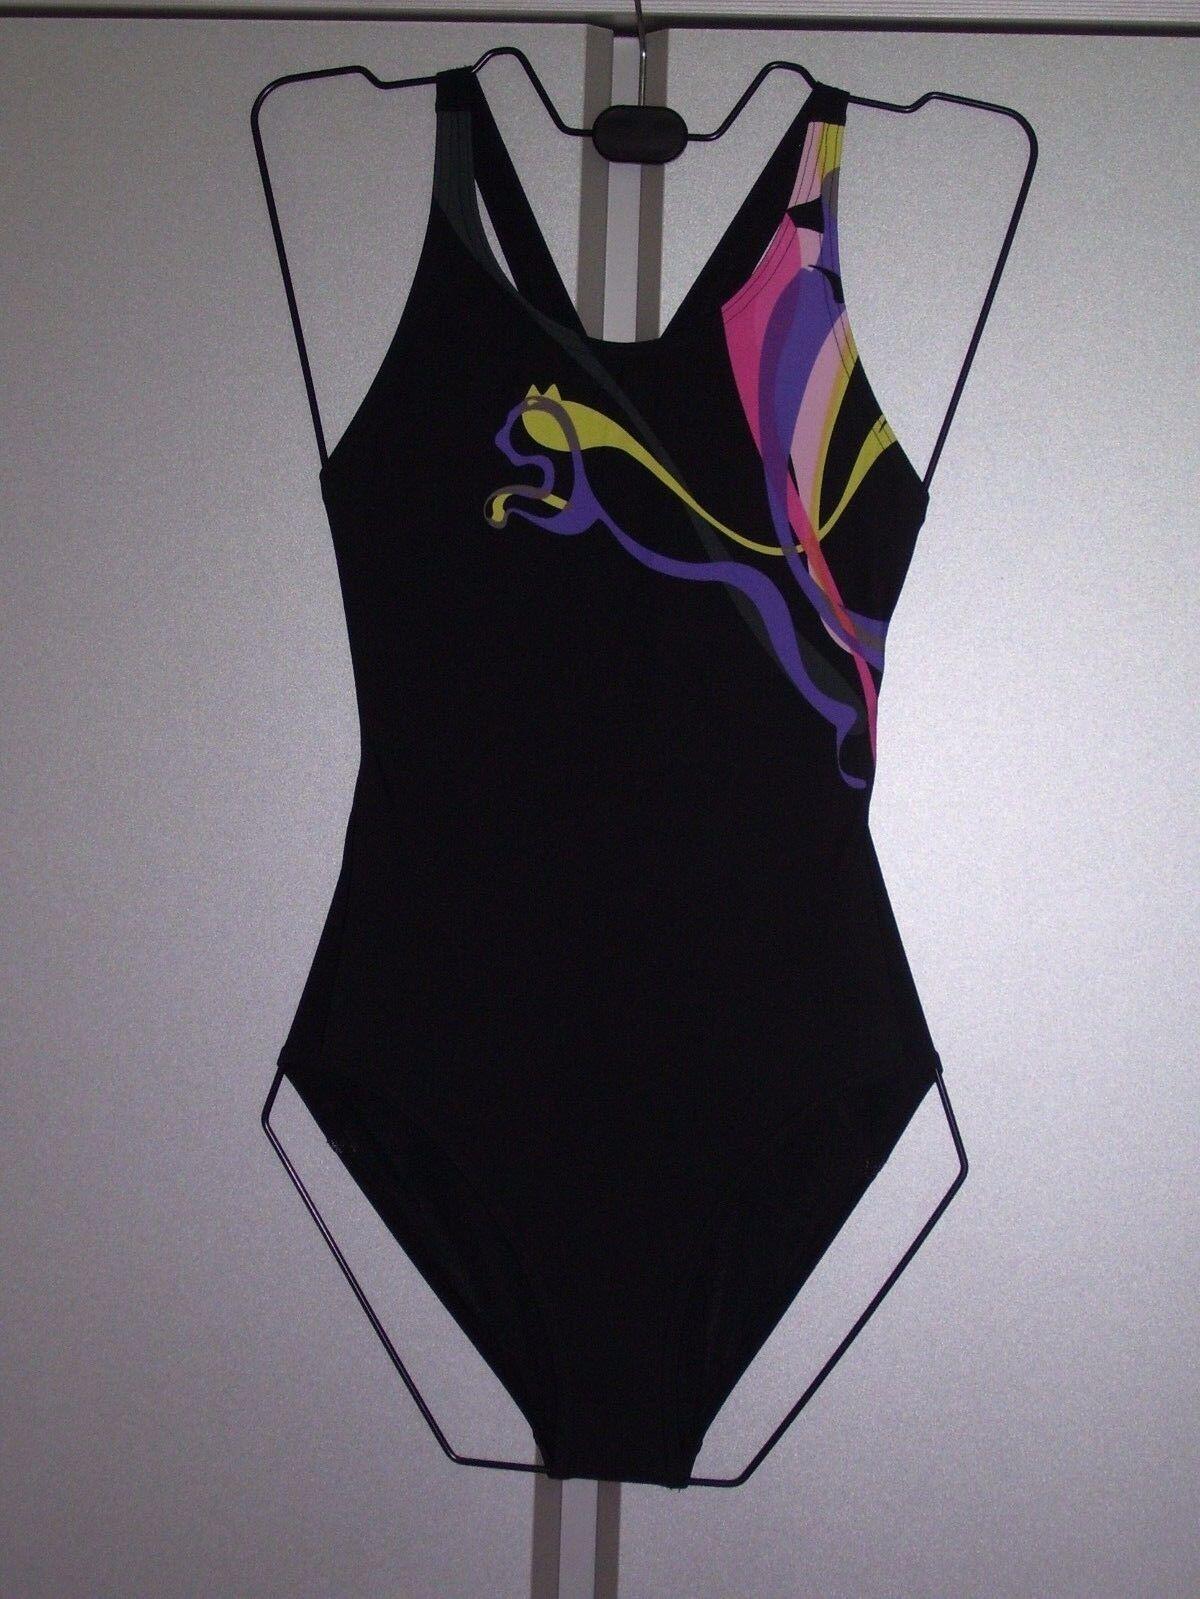 Puma Damen Badeanzug Hydrocat Schwimmanzug chlorresistent schwarz bunt S 36 neu